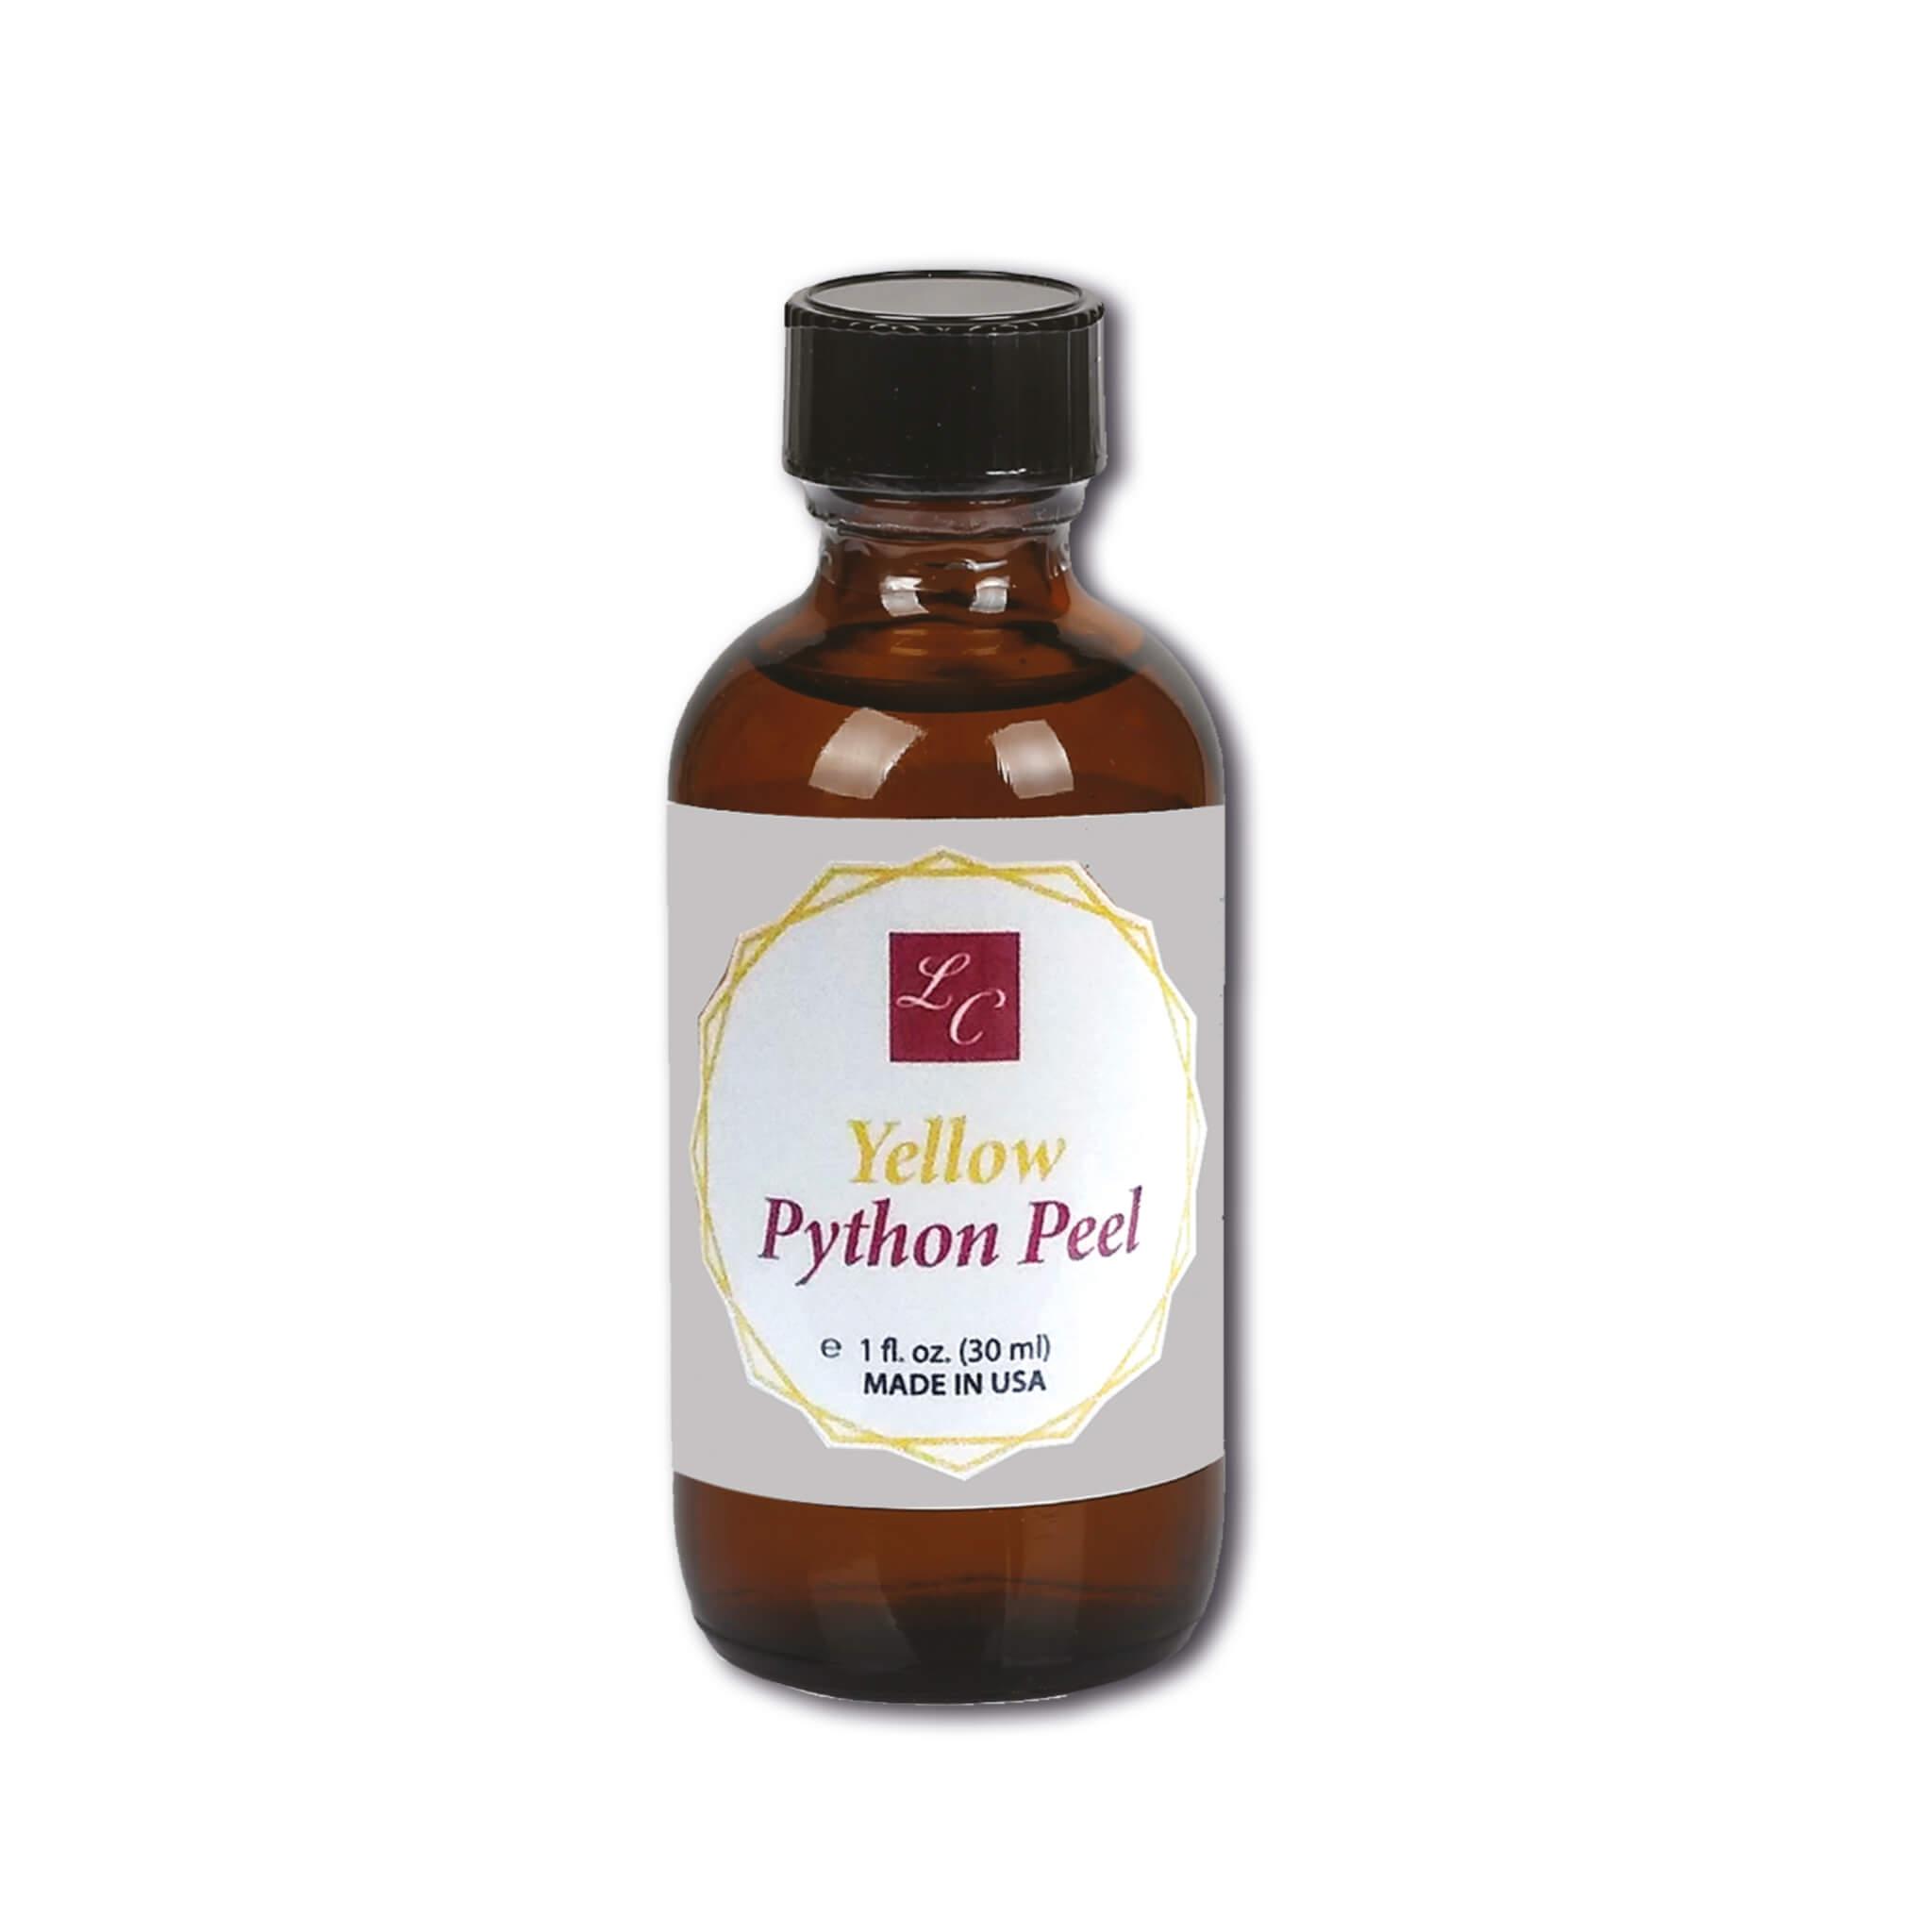 LC Peel Желтый Питоновый Пилинг, 30 мл депигментирующие крема